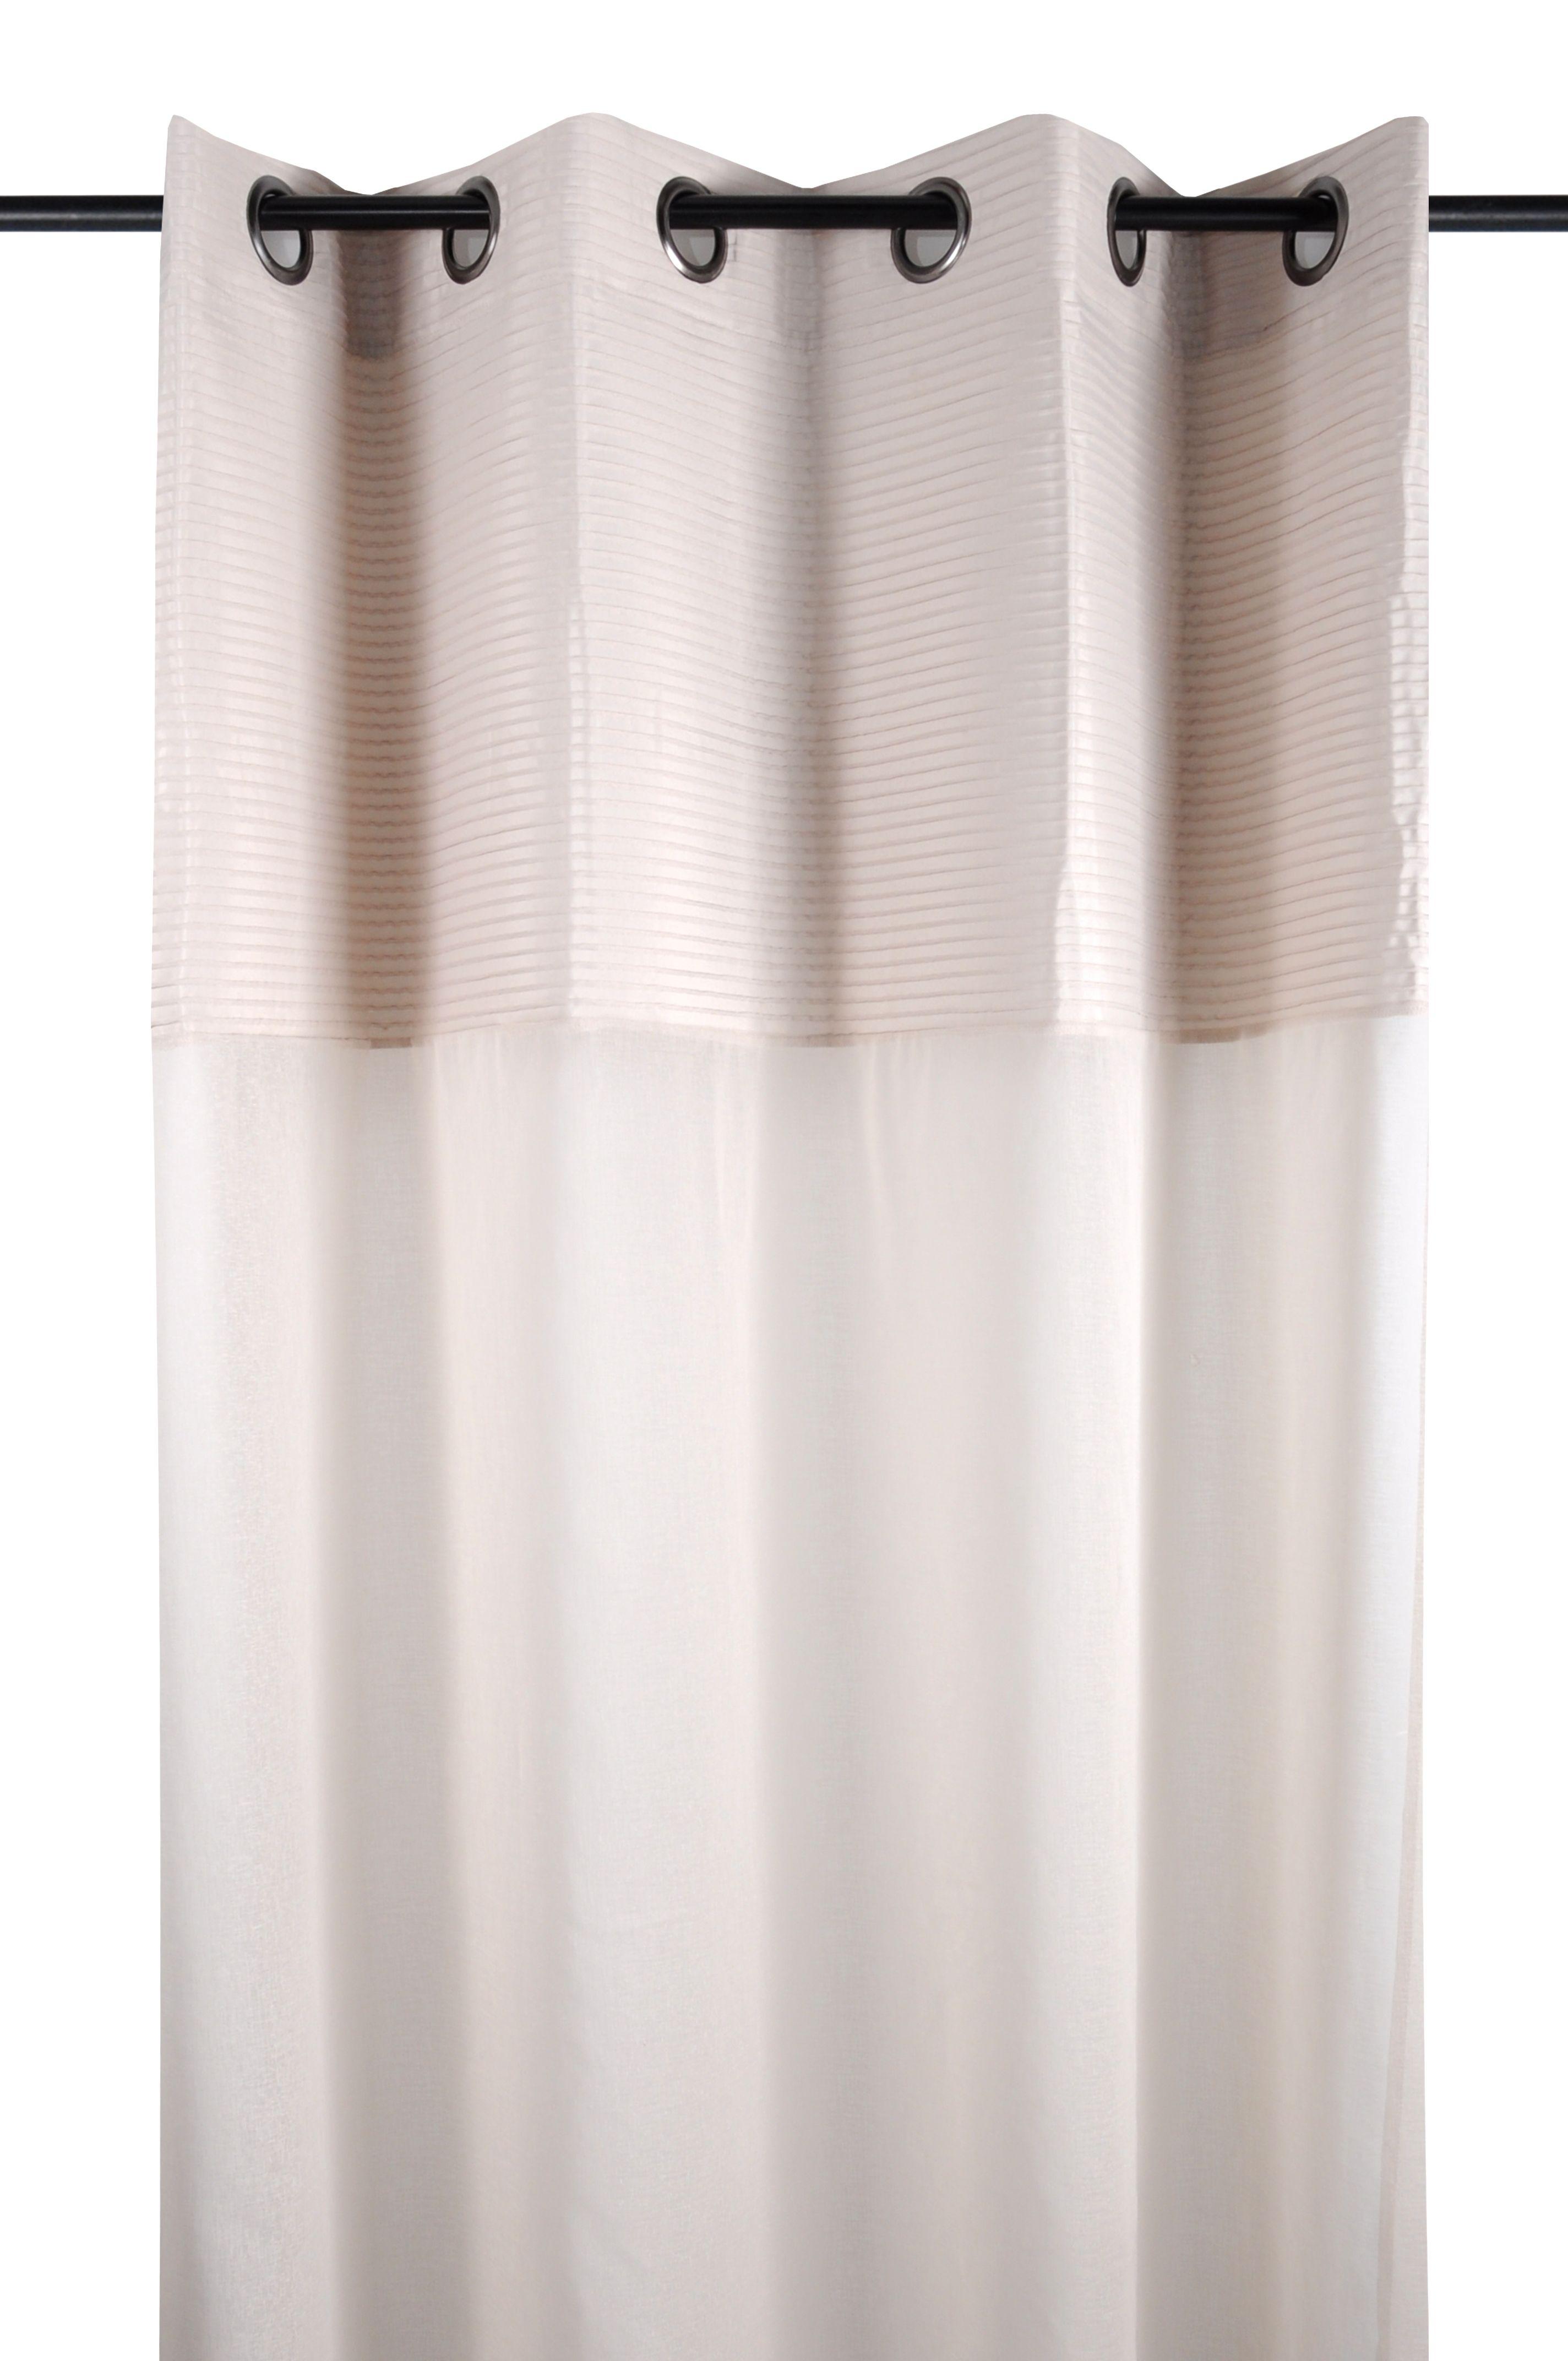 f365f6909ce1a8 Rideau voilage couleur lin rayures en relief 140x260cm à œillets SOCHIC -  Infos et Dimensions Composition